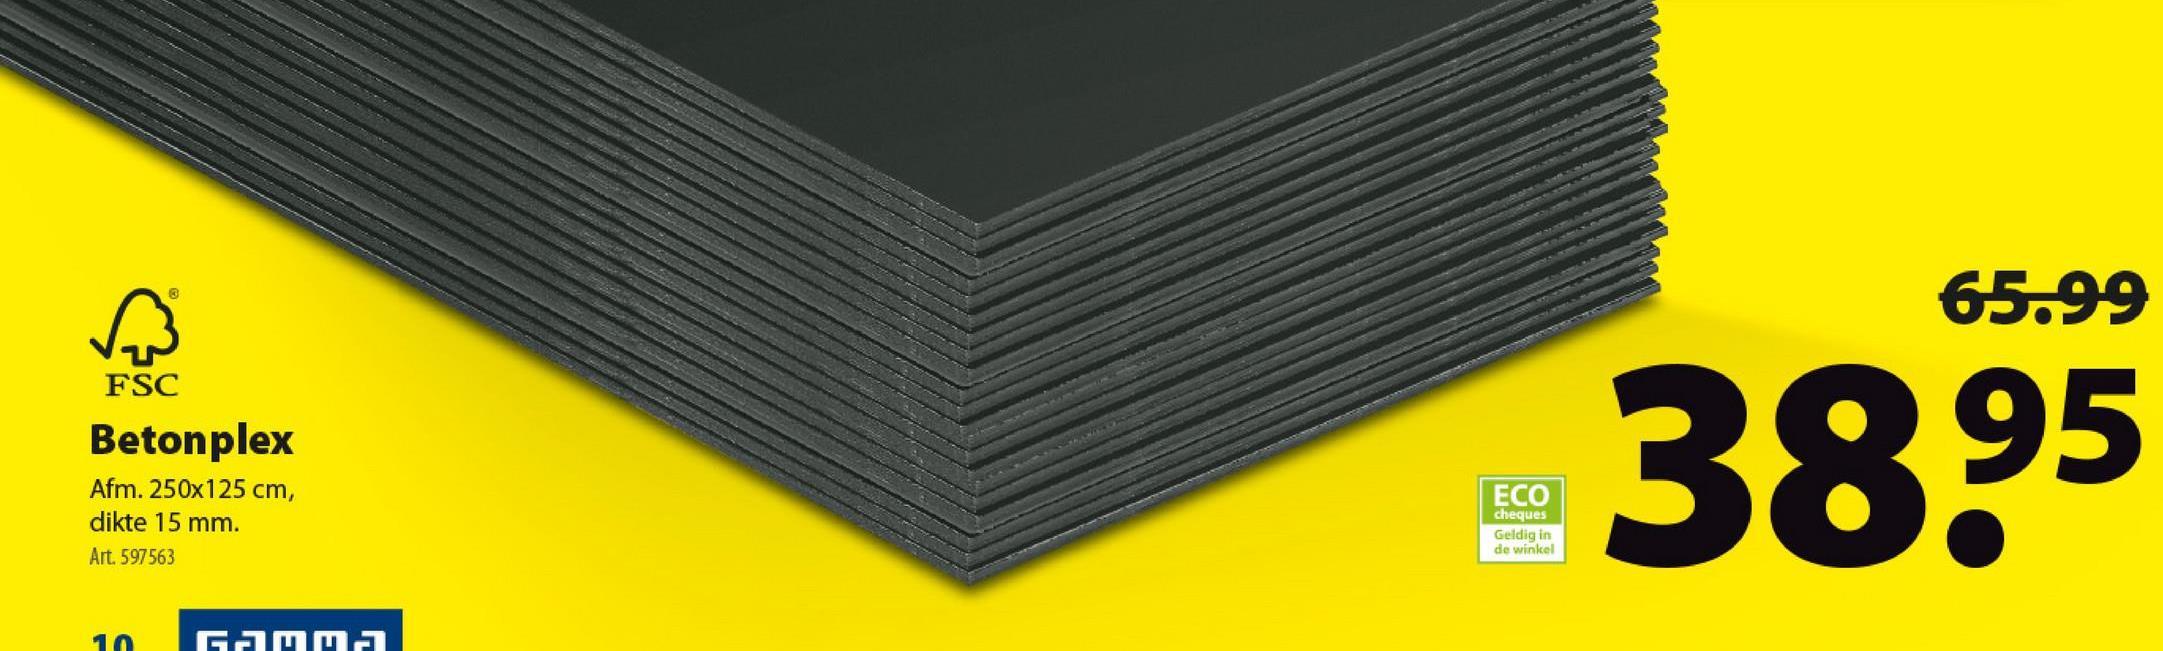 Betonmultiplex FSC 250x125 cm 15 mm Betonmultiplex of betonplex is een glad plaatmateriaal op basis van duurzaam hout en betonplex aan beide zijden. Het geschuurde plaatmateriaal van 1,25 op 2,50 meter en 15 mm dik is ideaal voor betonbekistingen. Bijkomende troeven? Betonmultiplex is een bewerkt materiaal en vochtbestendig.